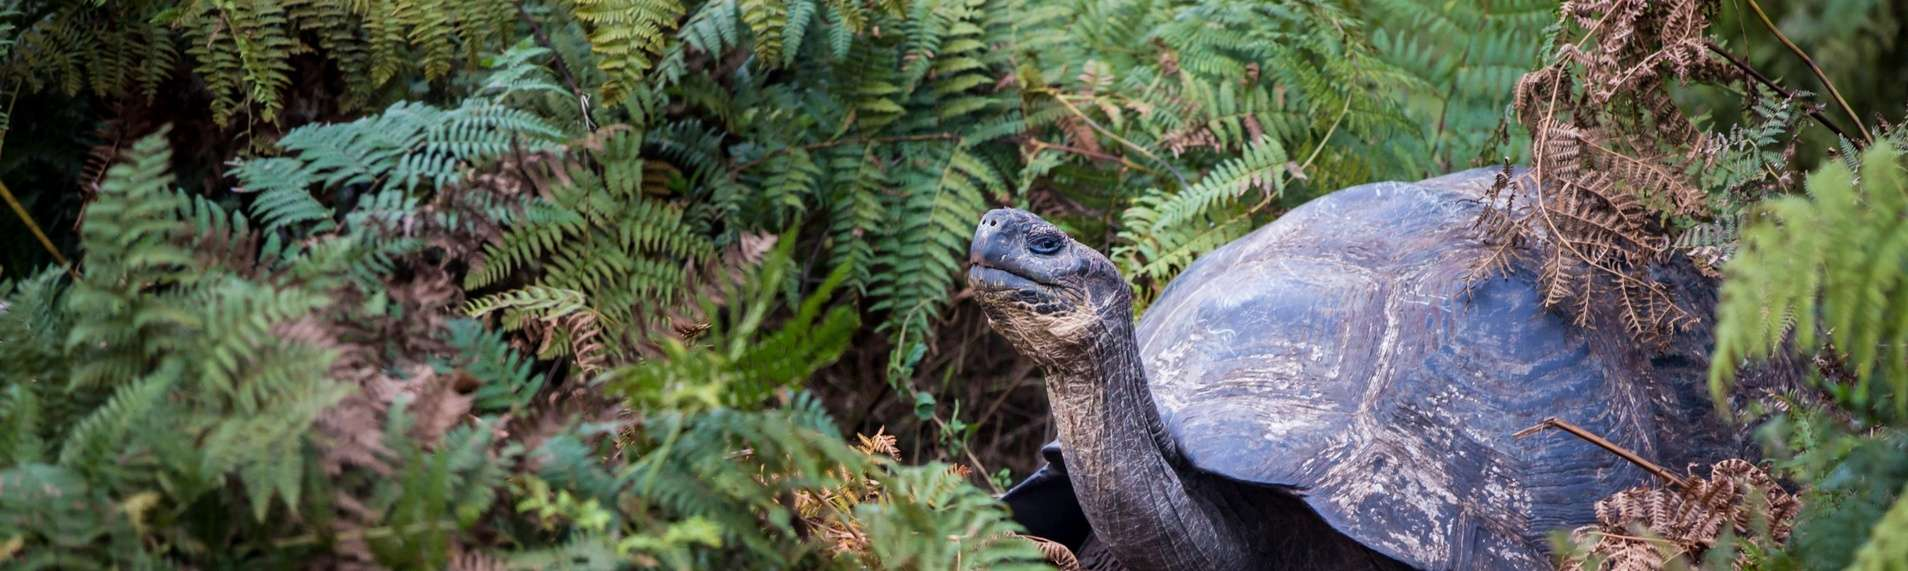 Galapagos-Tortoise-housing